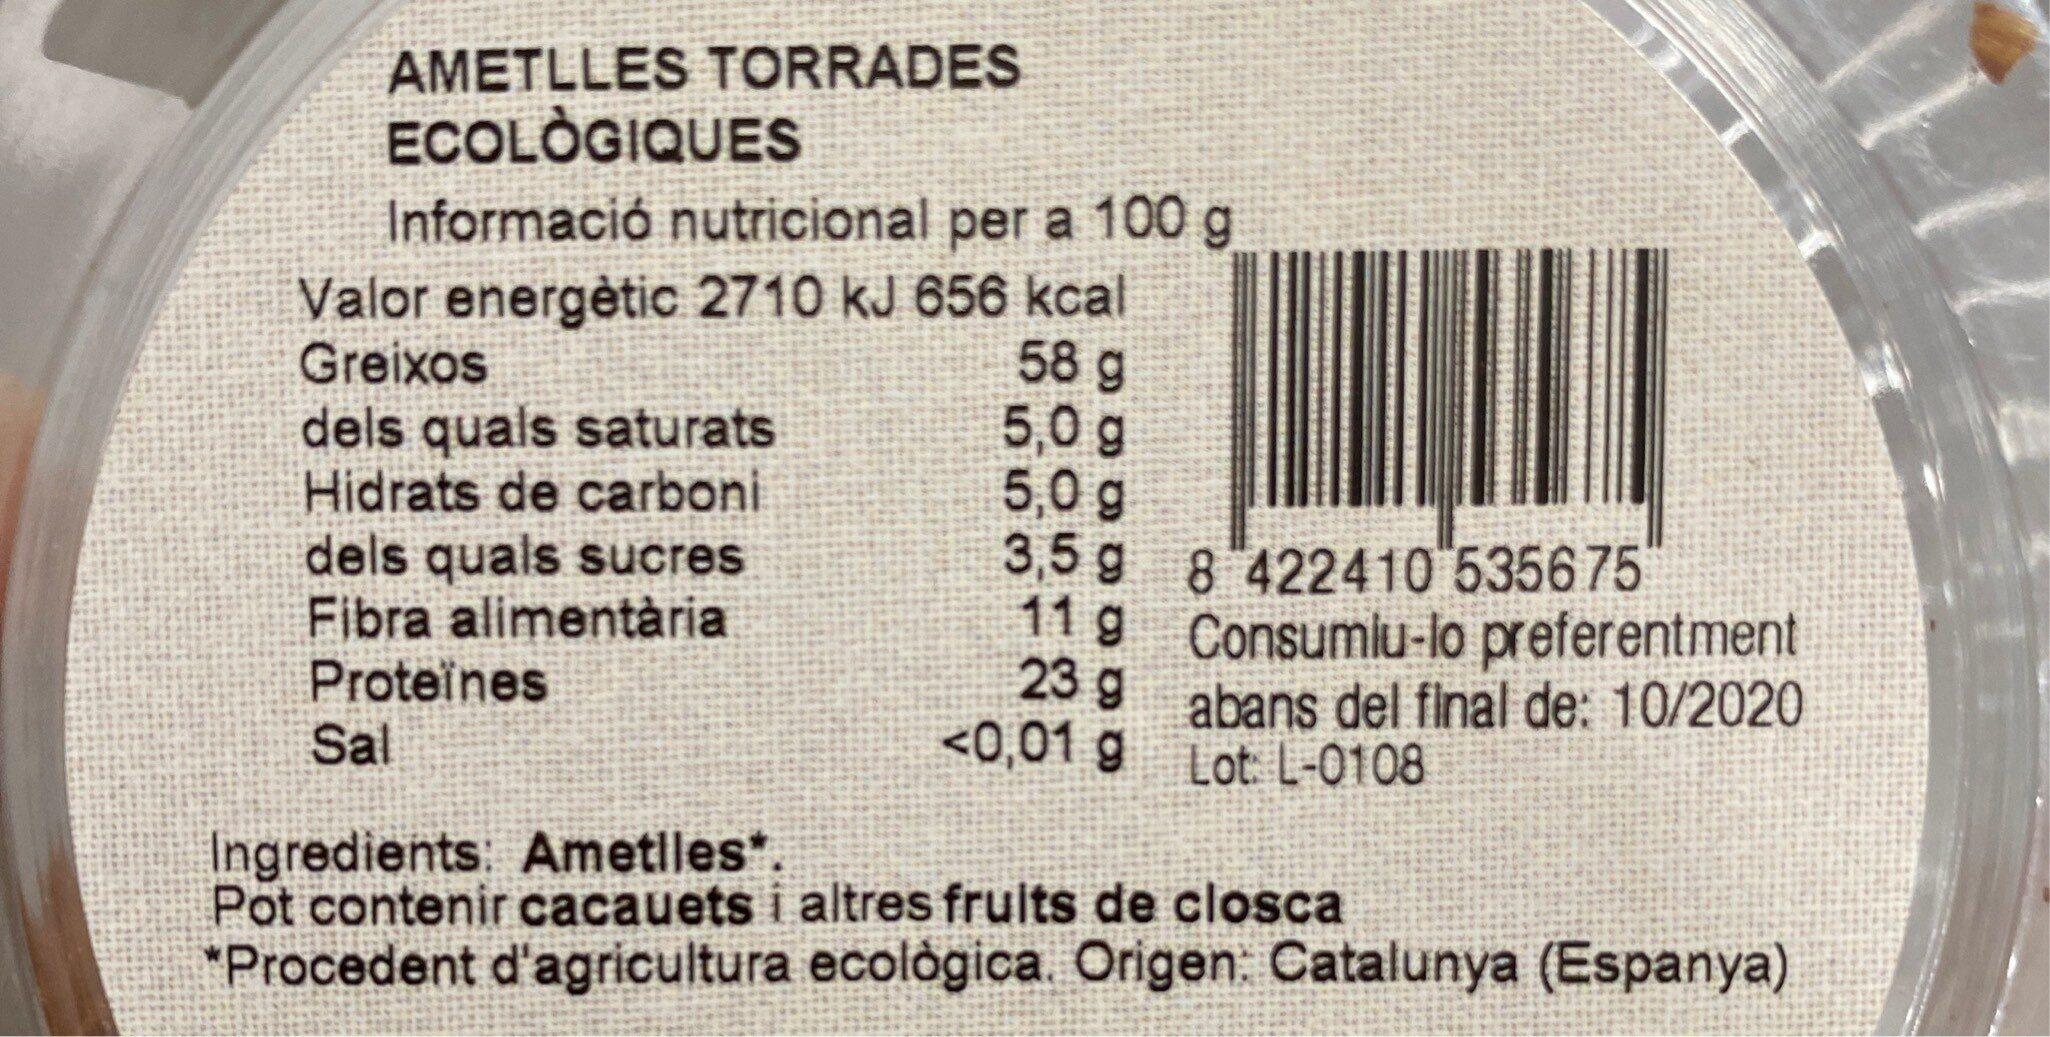 Ametlles secas torrades - Información nutricional - es